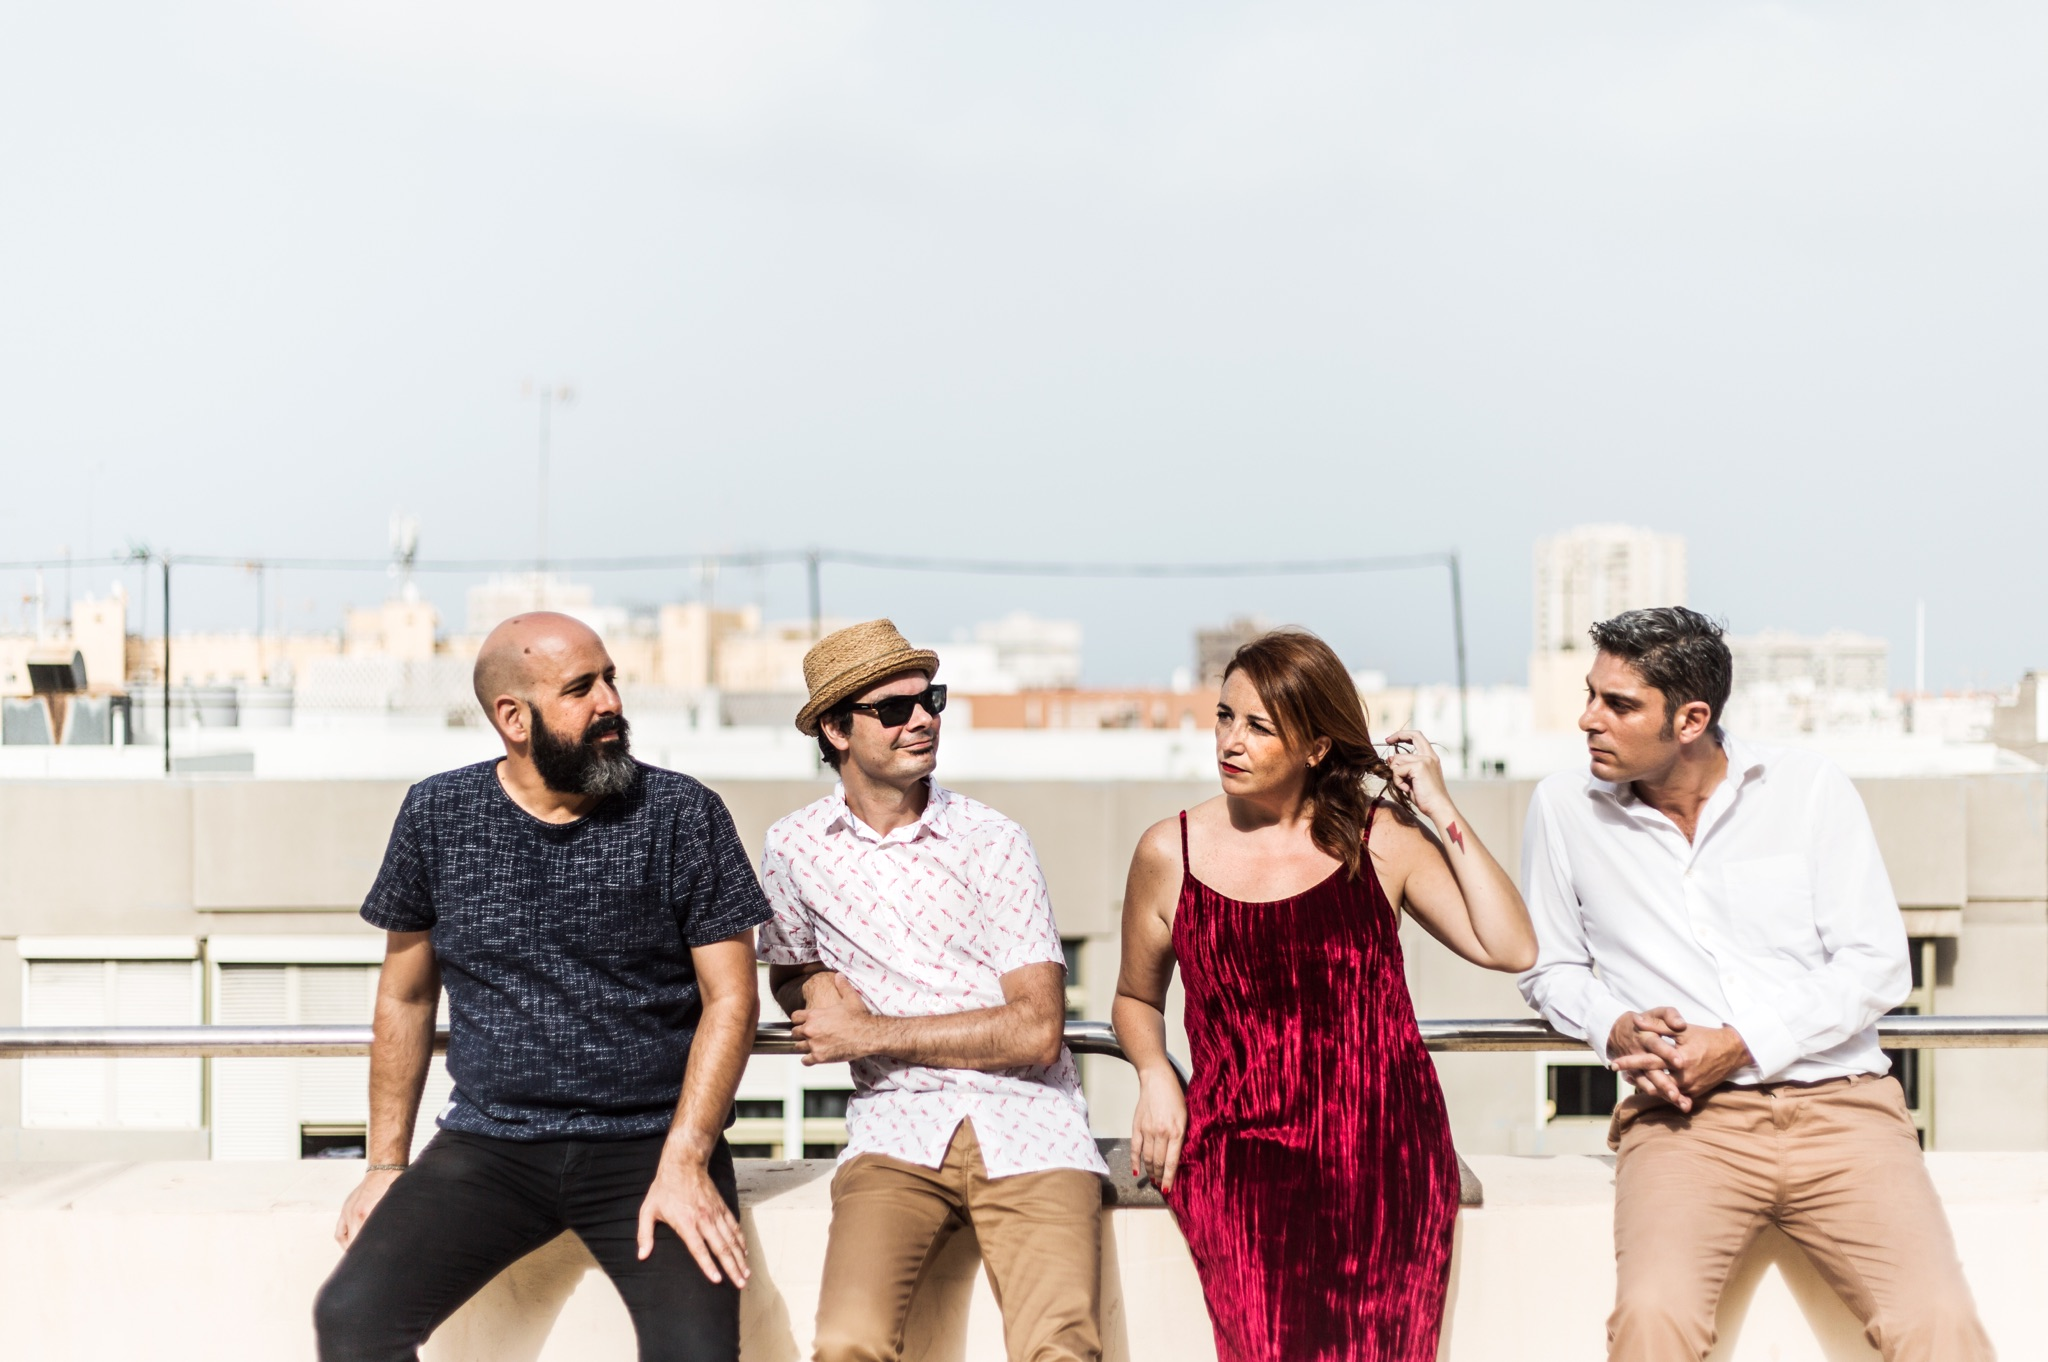 San Martín cierra la programación anual de música con el concierto del grupo Birkins